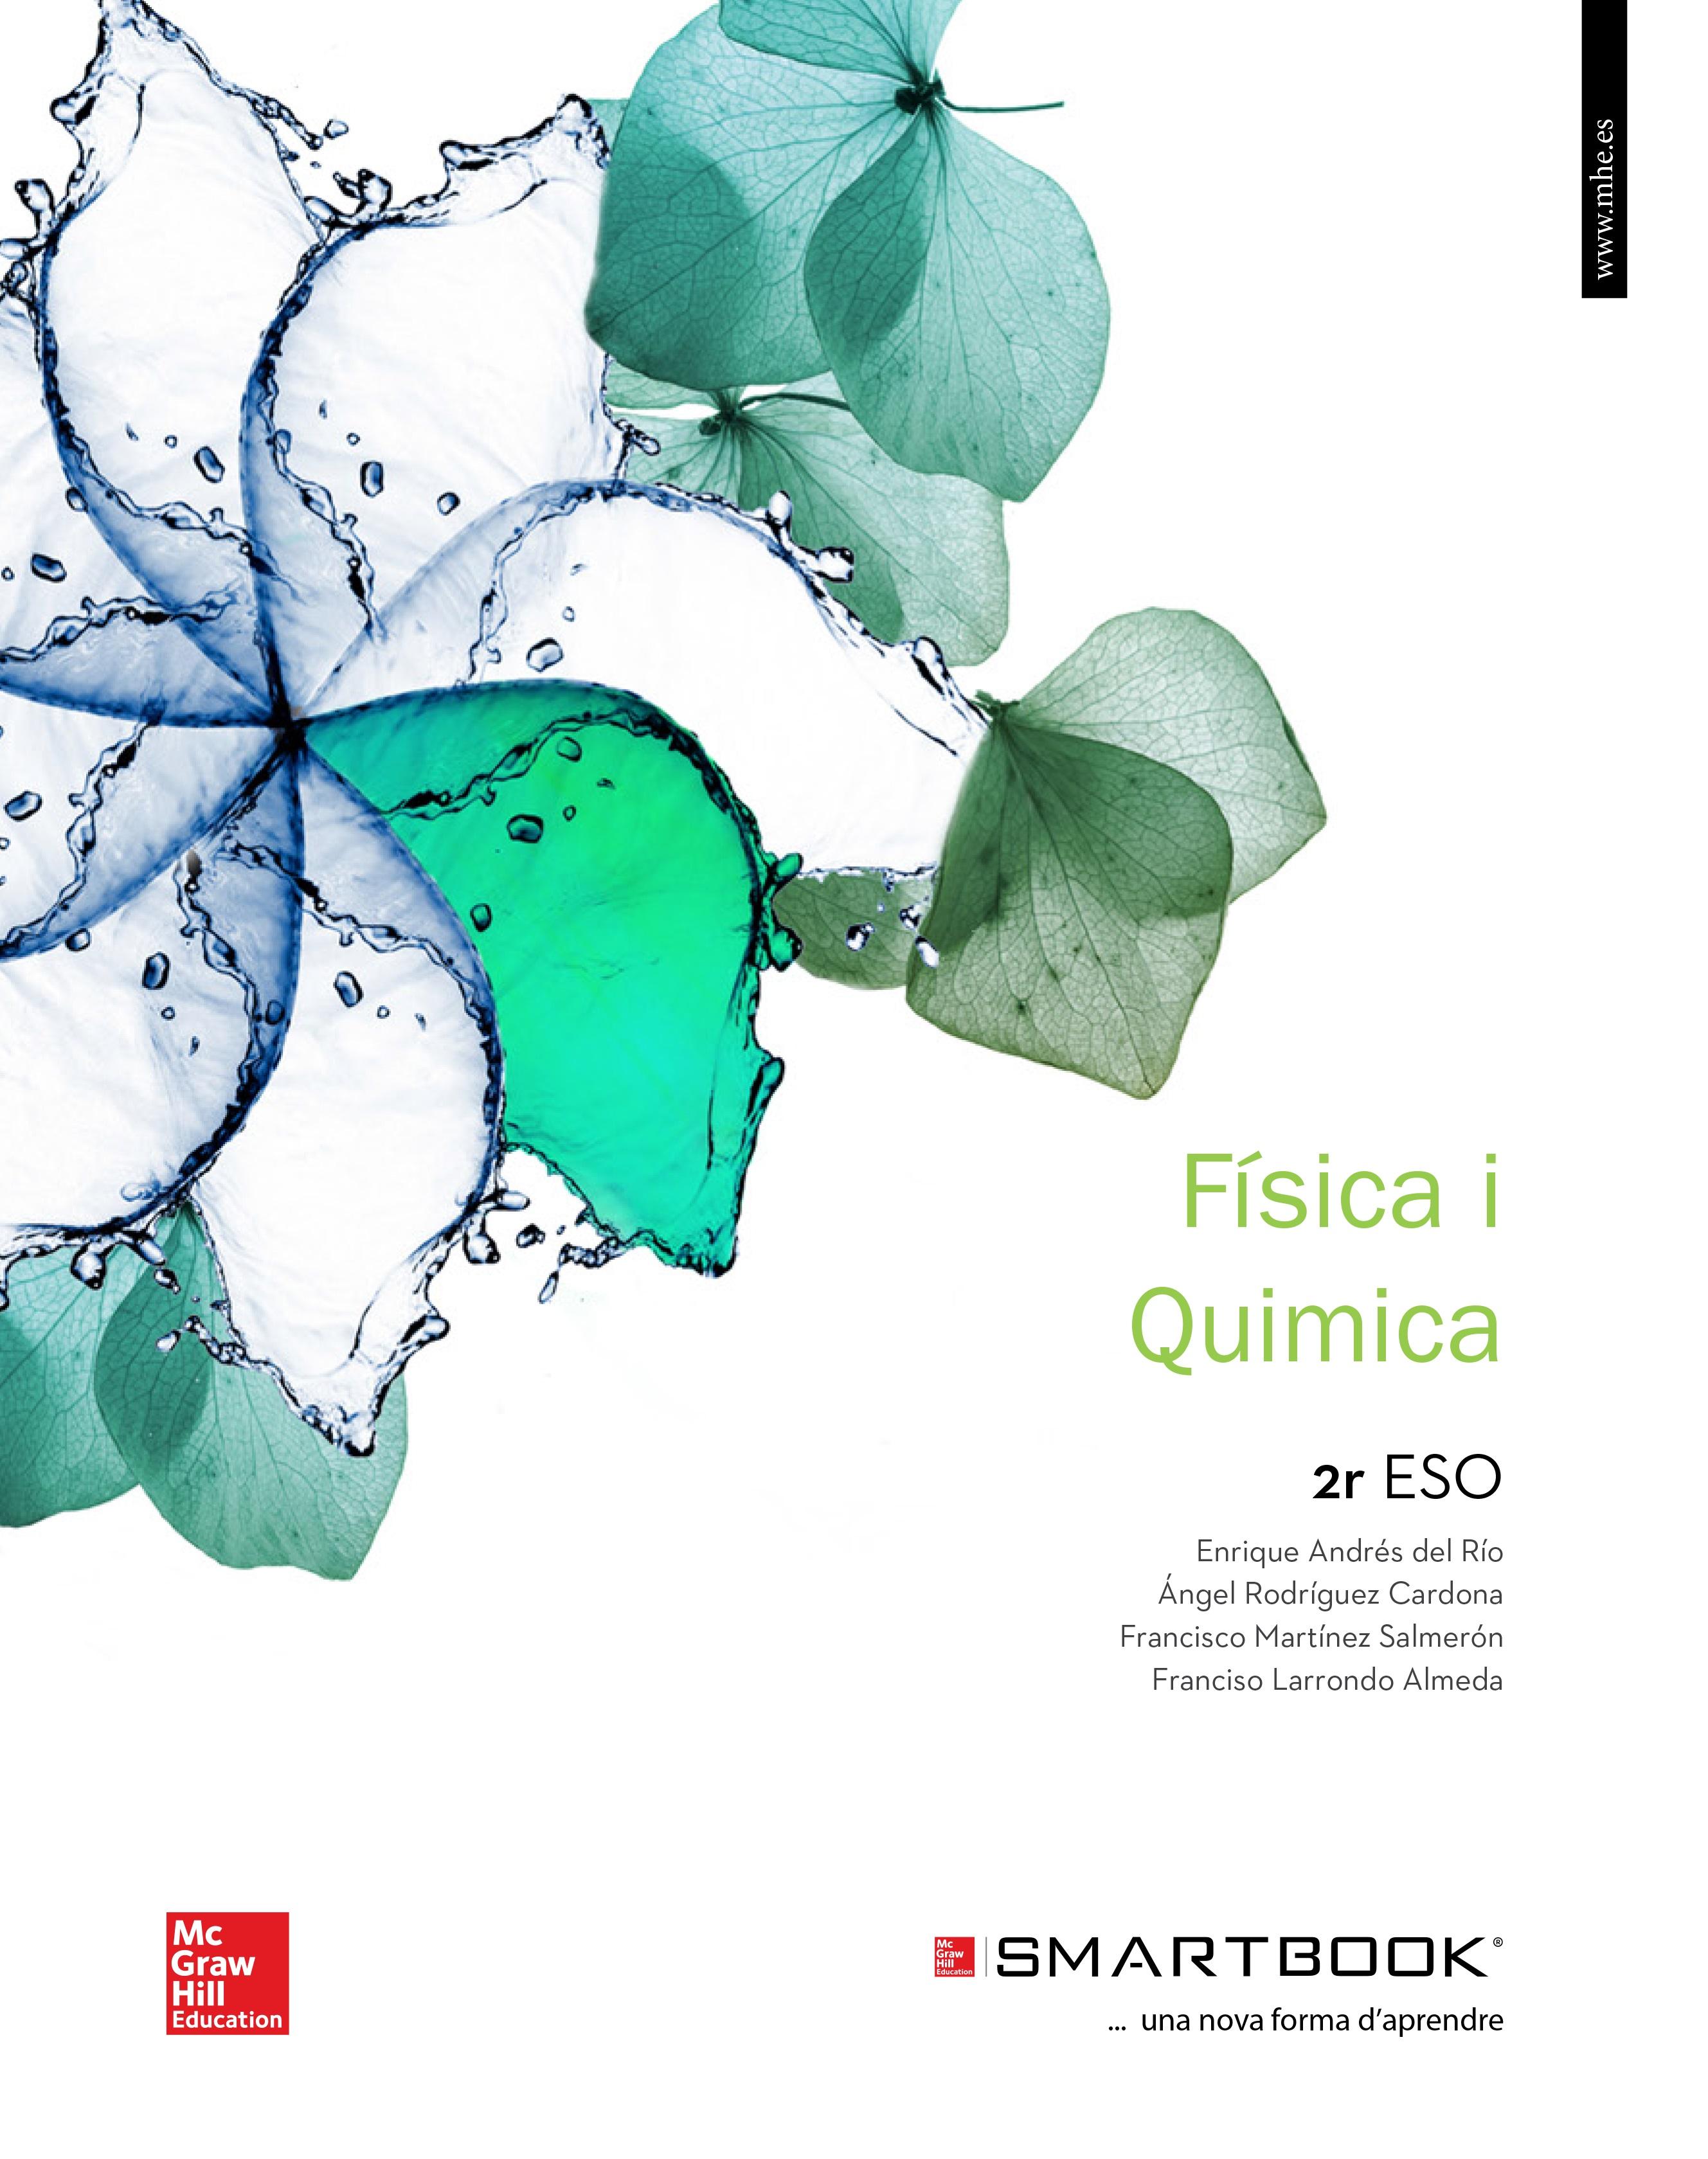 INTERACTIVEBOOK - Física i Química 2 ESO | Digital book ...